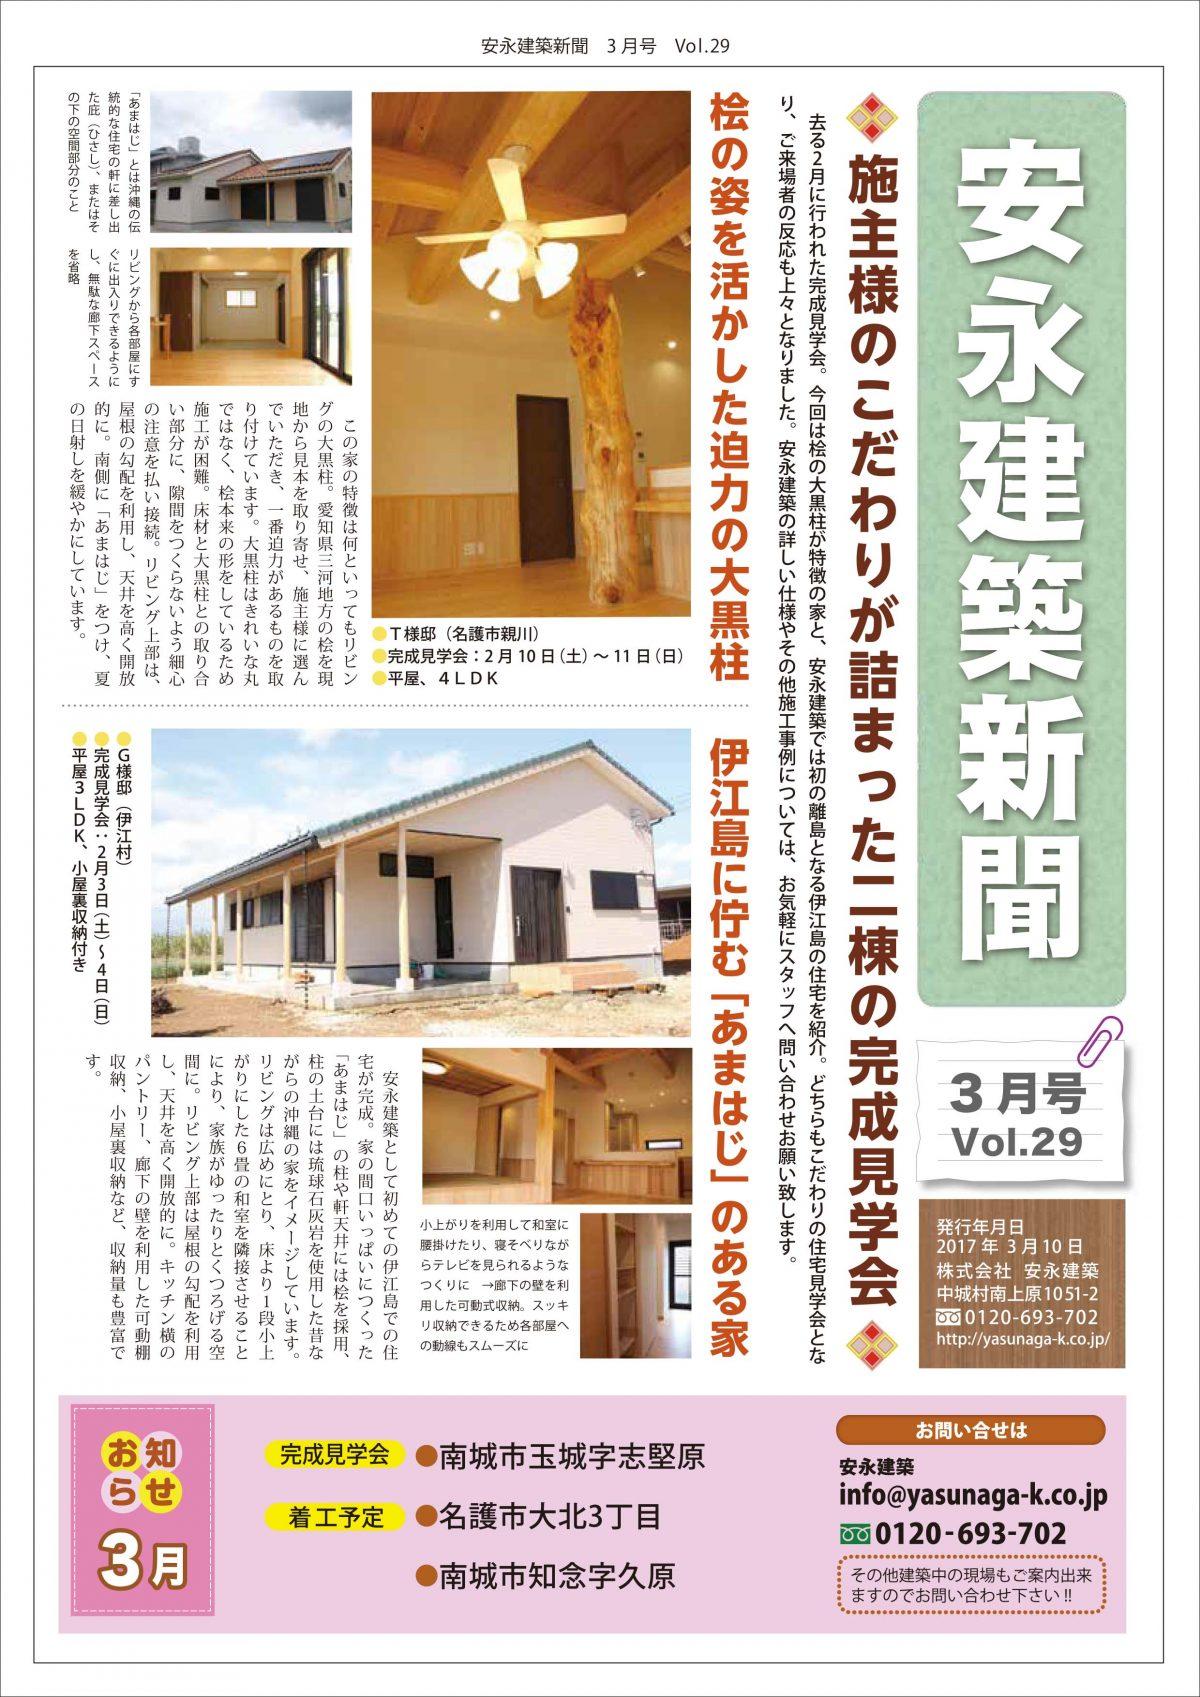 「安永建築新聞」3月号出ました!